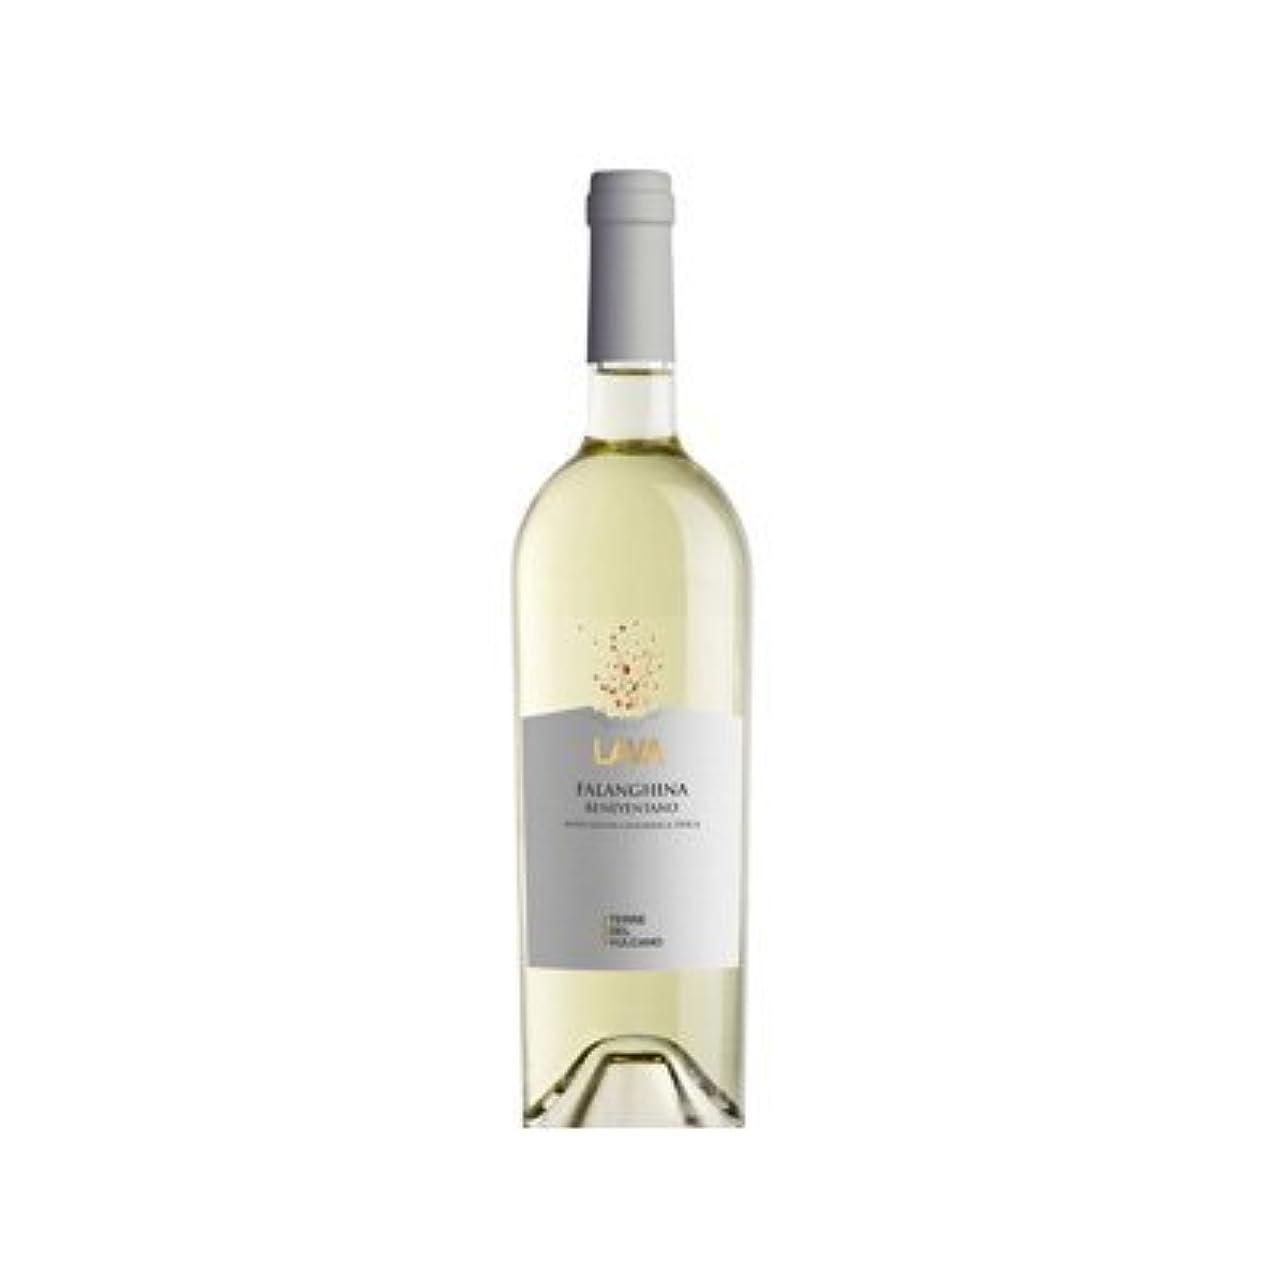 ラーヴァ ベネヴェンターノ ファランギーナ IGT 2017 イタリア 白ワイン 【750ml】